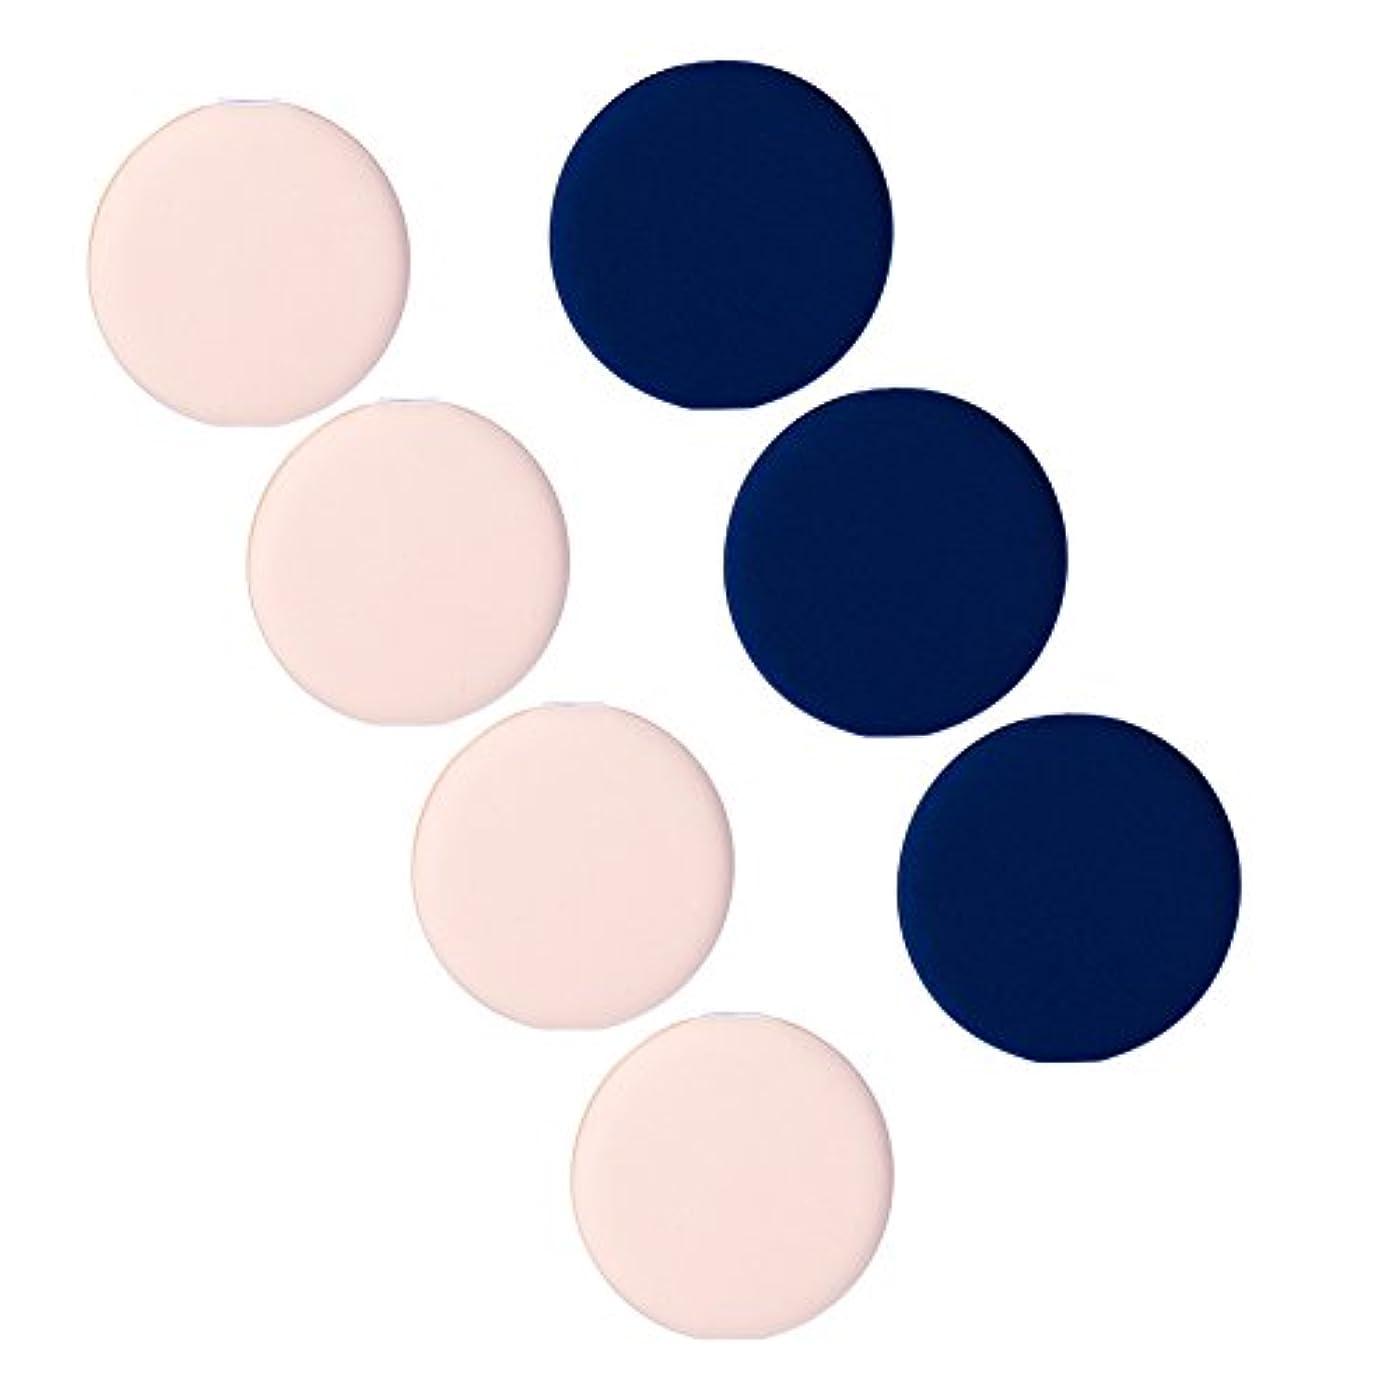 肺炎司法町7個/セット ミニメイクアップ  パウダーファンデーション BBクリームエアクッションパフ  化粧品用具